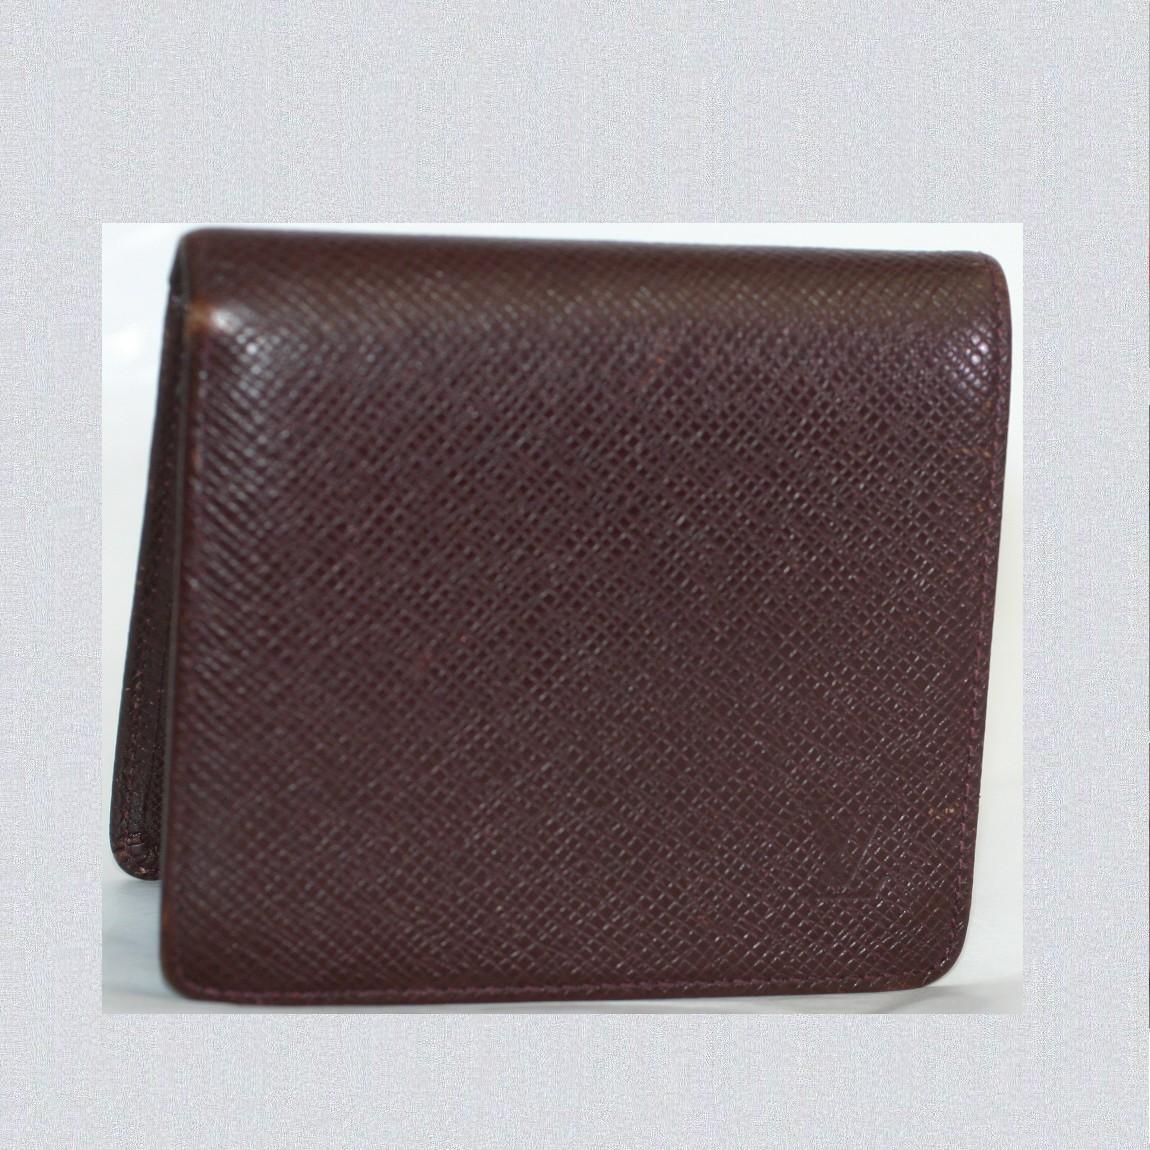 【中古】本物美品L/Vタイガのアカジュー2つ折り財布M30466カード用ポケット6小銭入れつきべたつきありません サイズW10H9D1,5cm